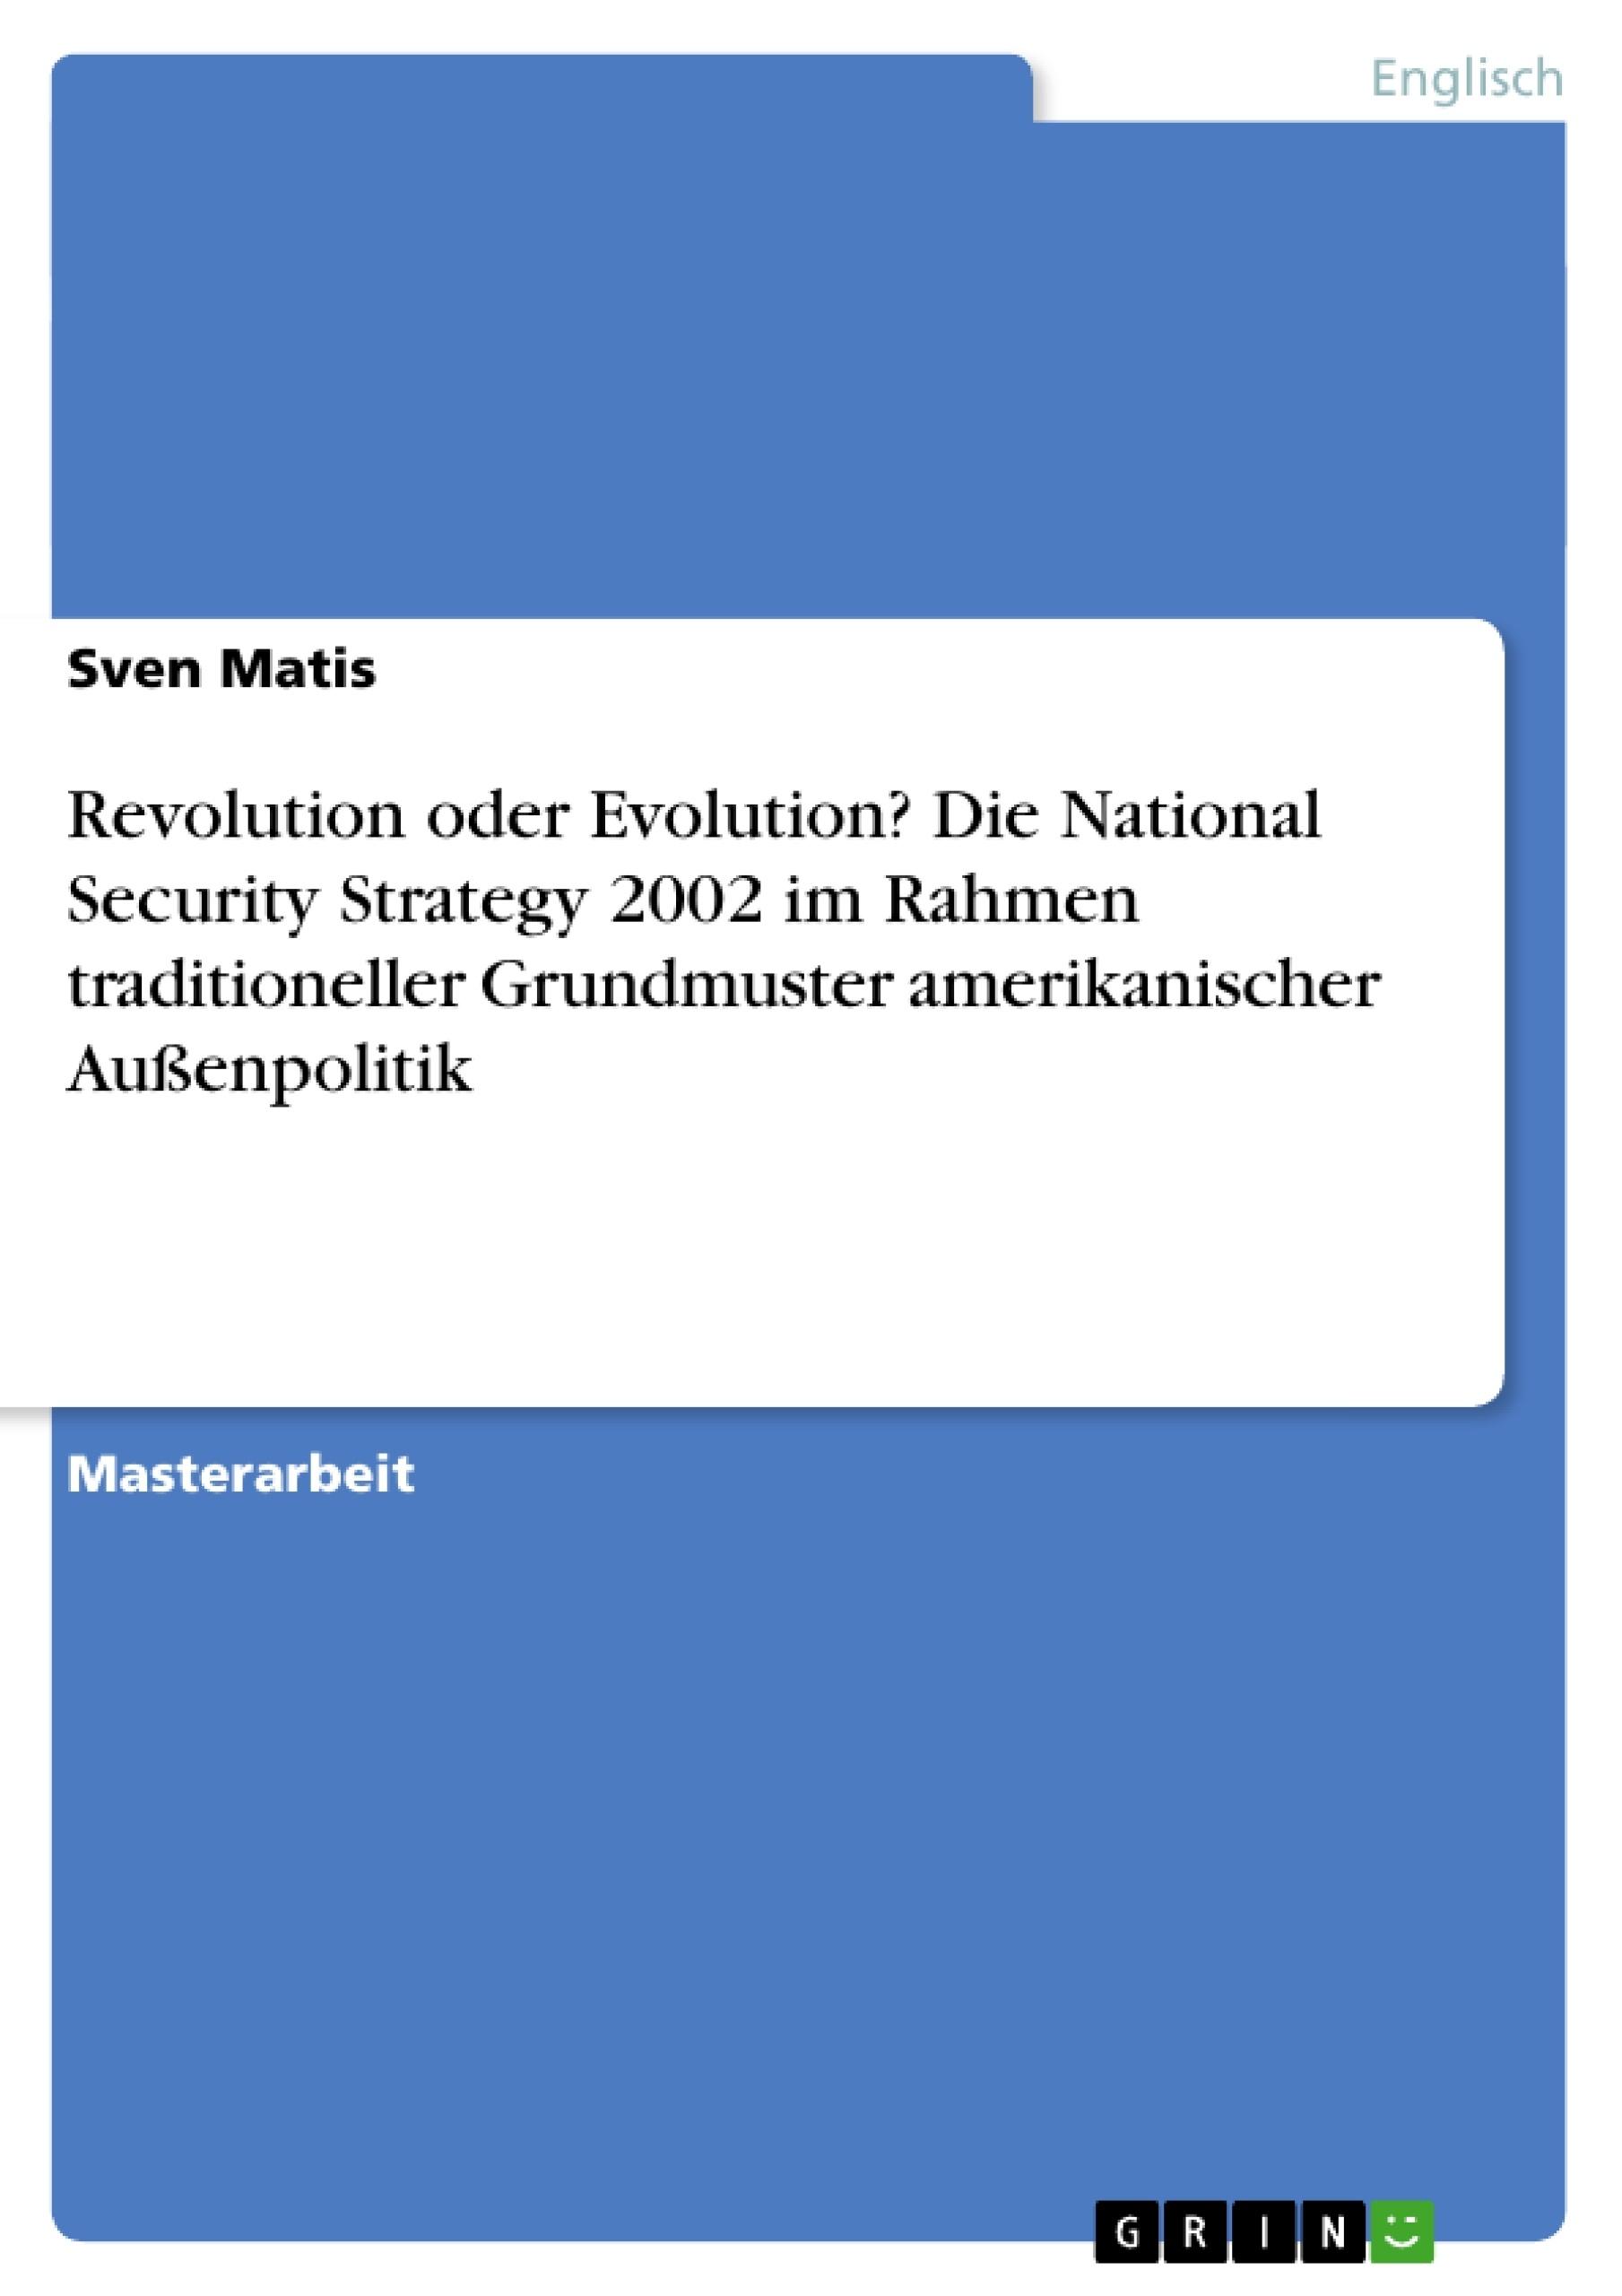 Titel: Revolution oder Evolution? Die National Security Strategy 2002 im Rahmen traditioneller Grundmuster amerikanischer Außenpolitik